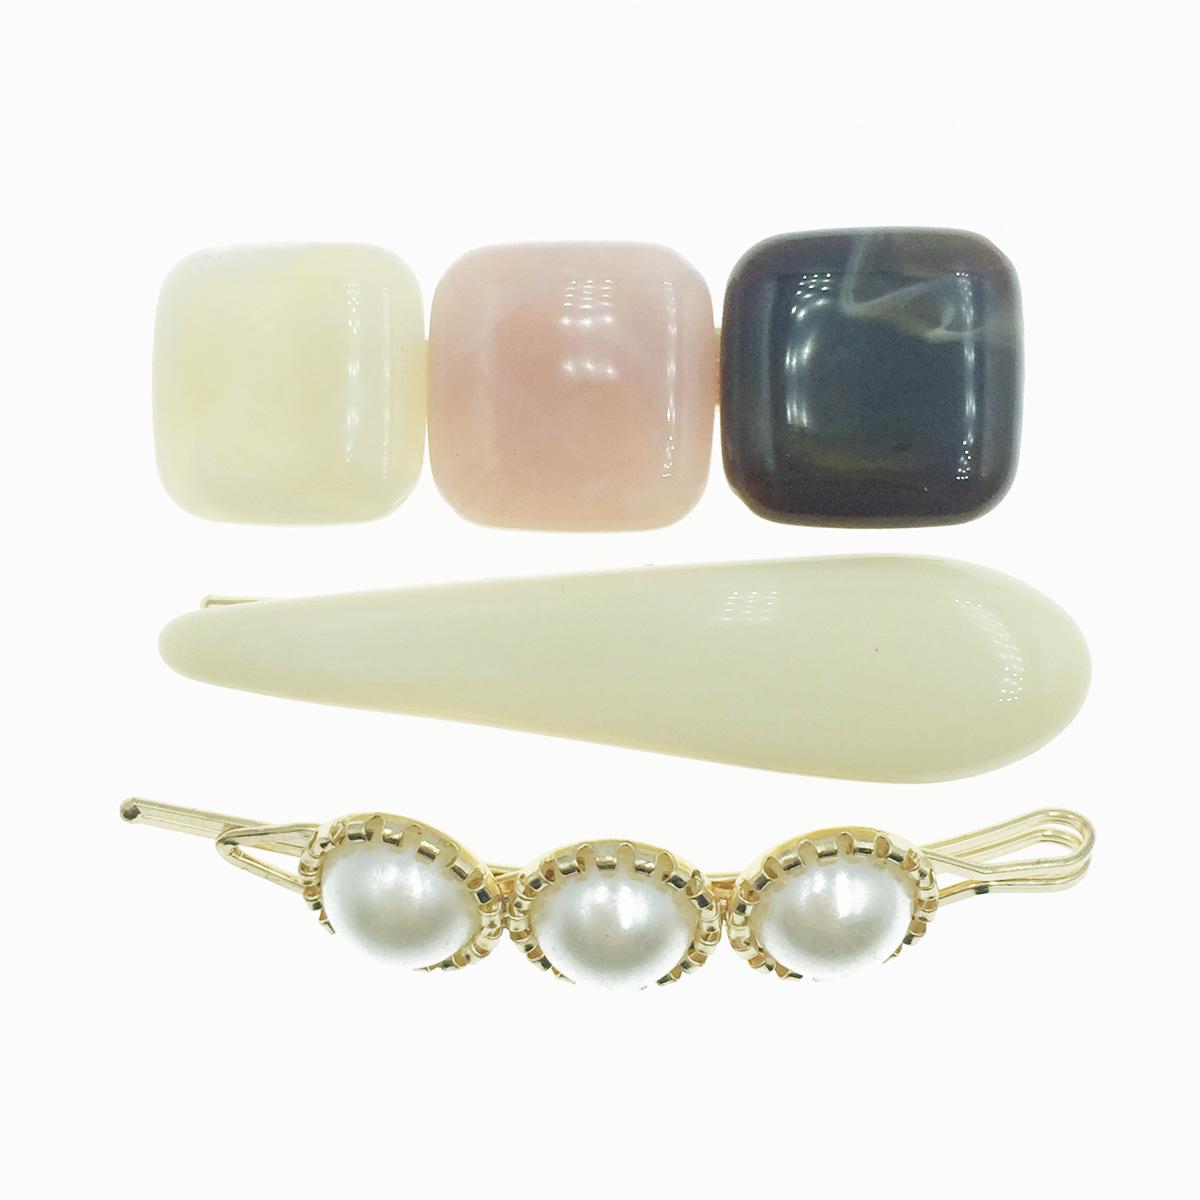 韓國 珍珠 寶石 3入組 髮飾 髮夾 線夾 壓夾